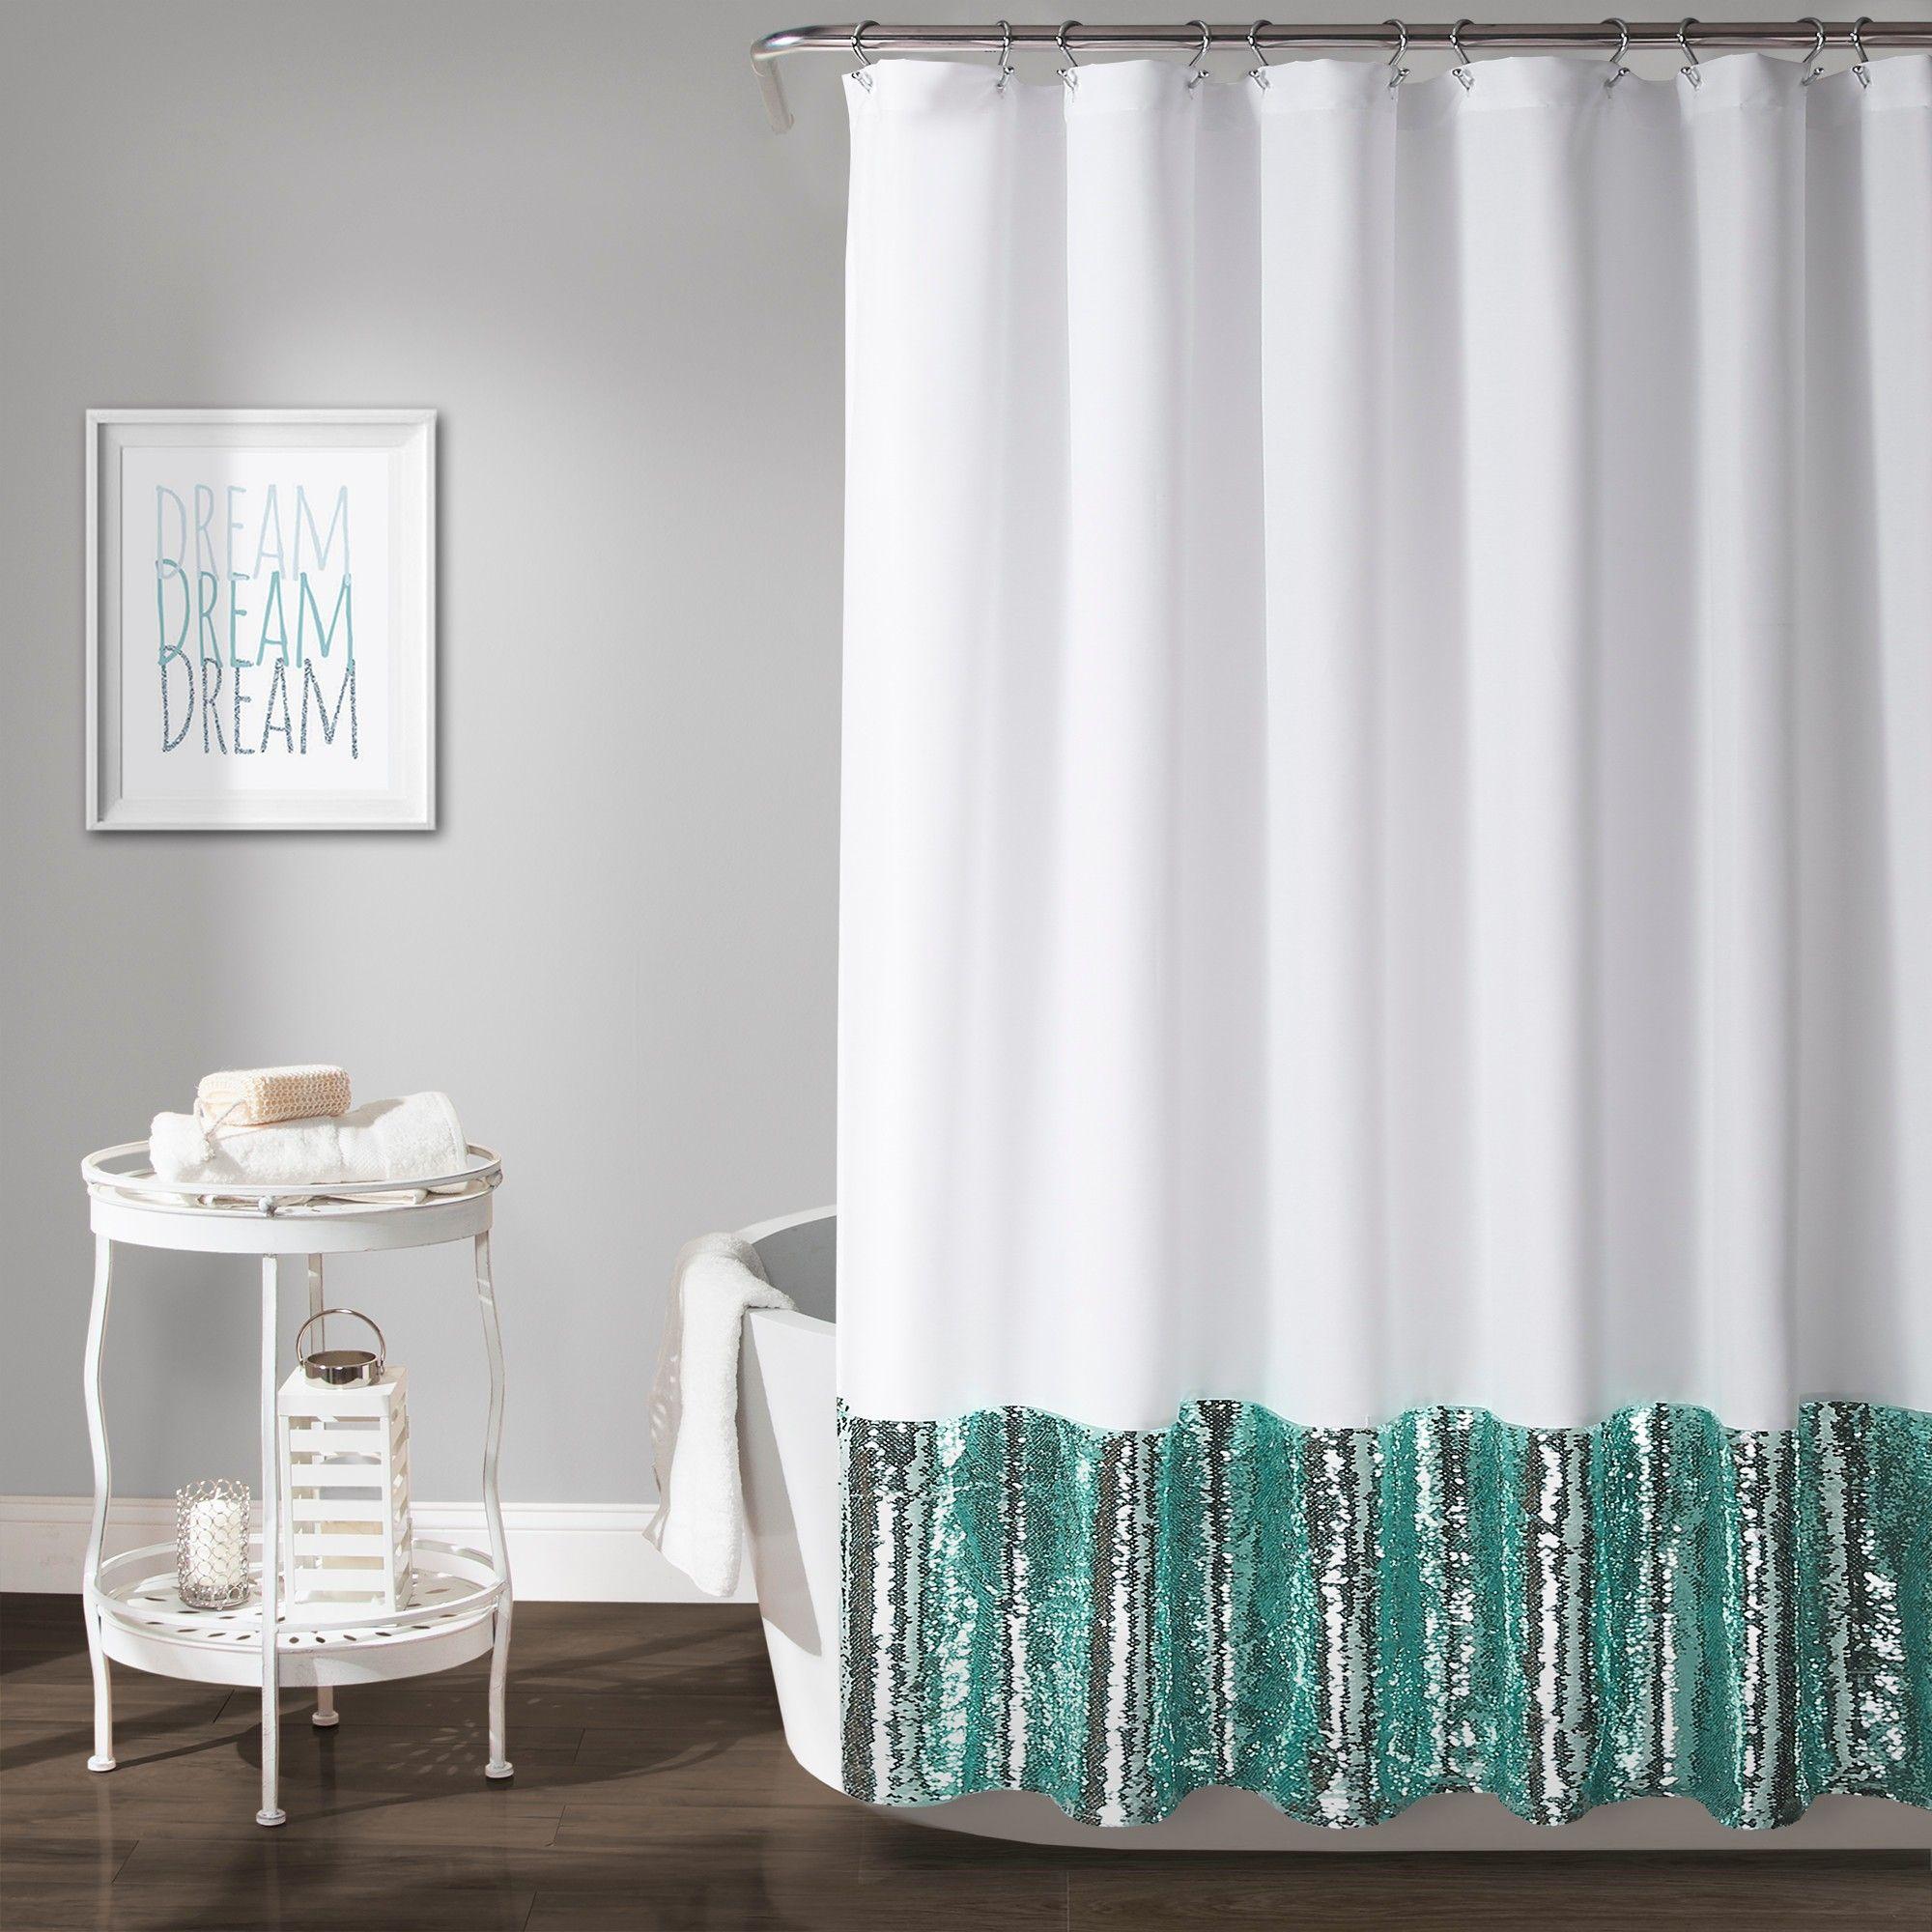 Mermaid Sequins Spa Shower Curtain White Teal Lush Decor